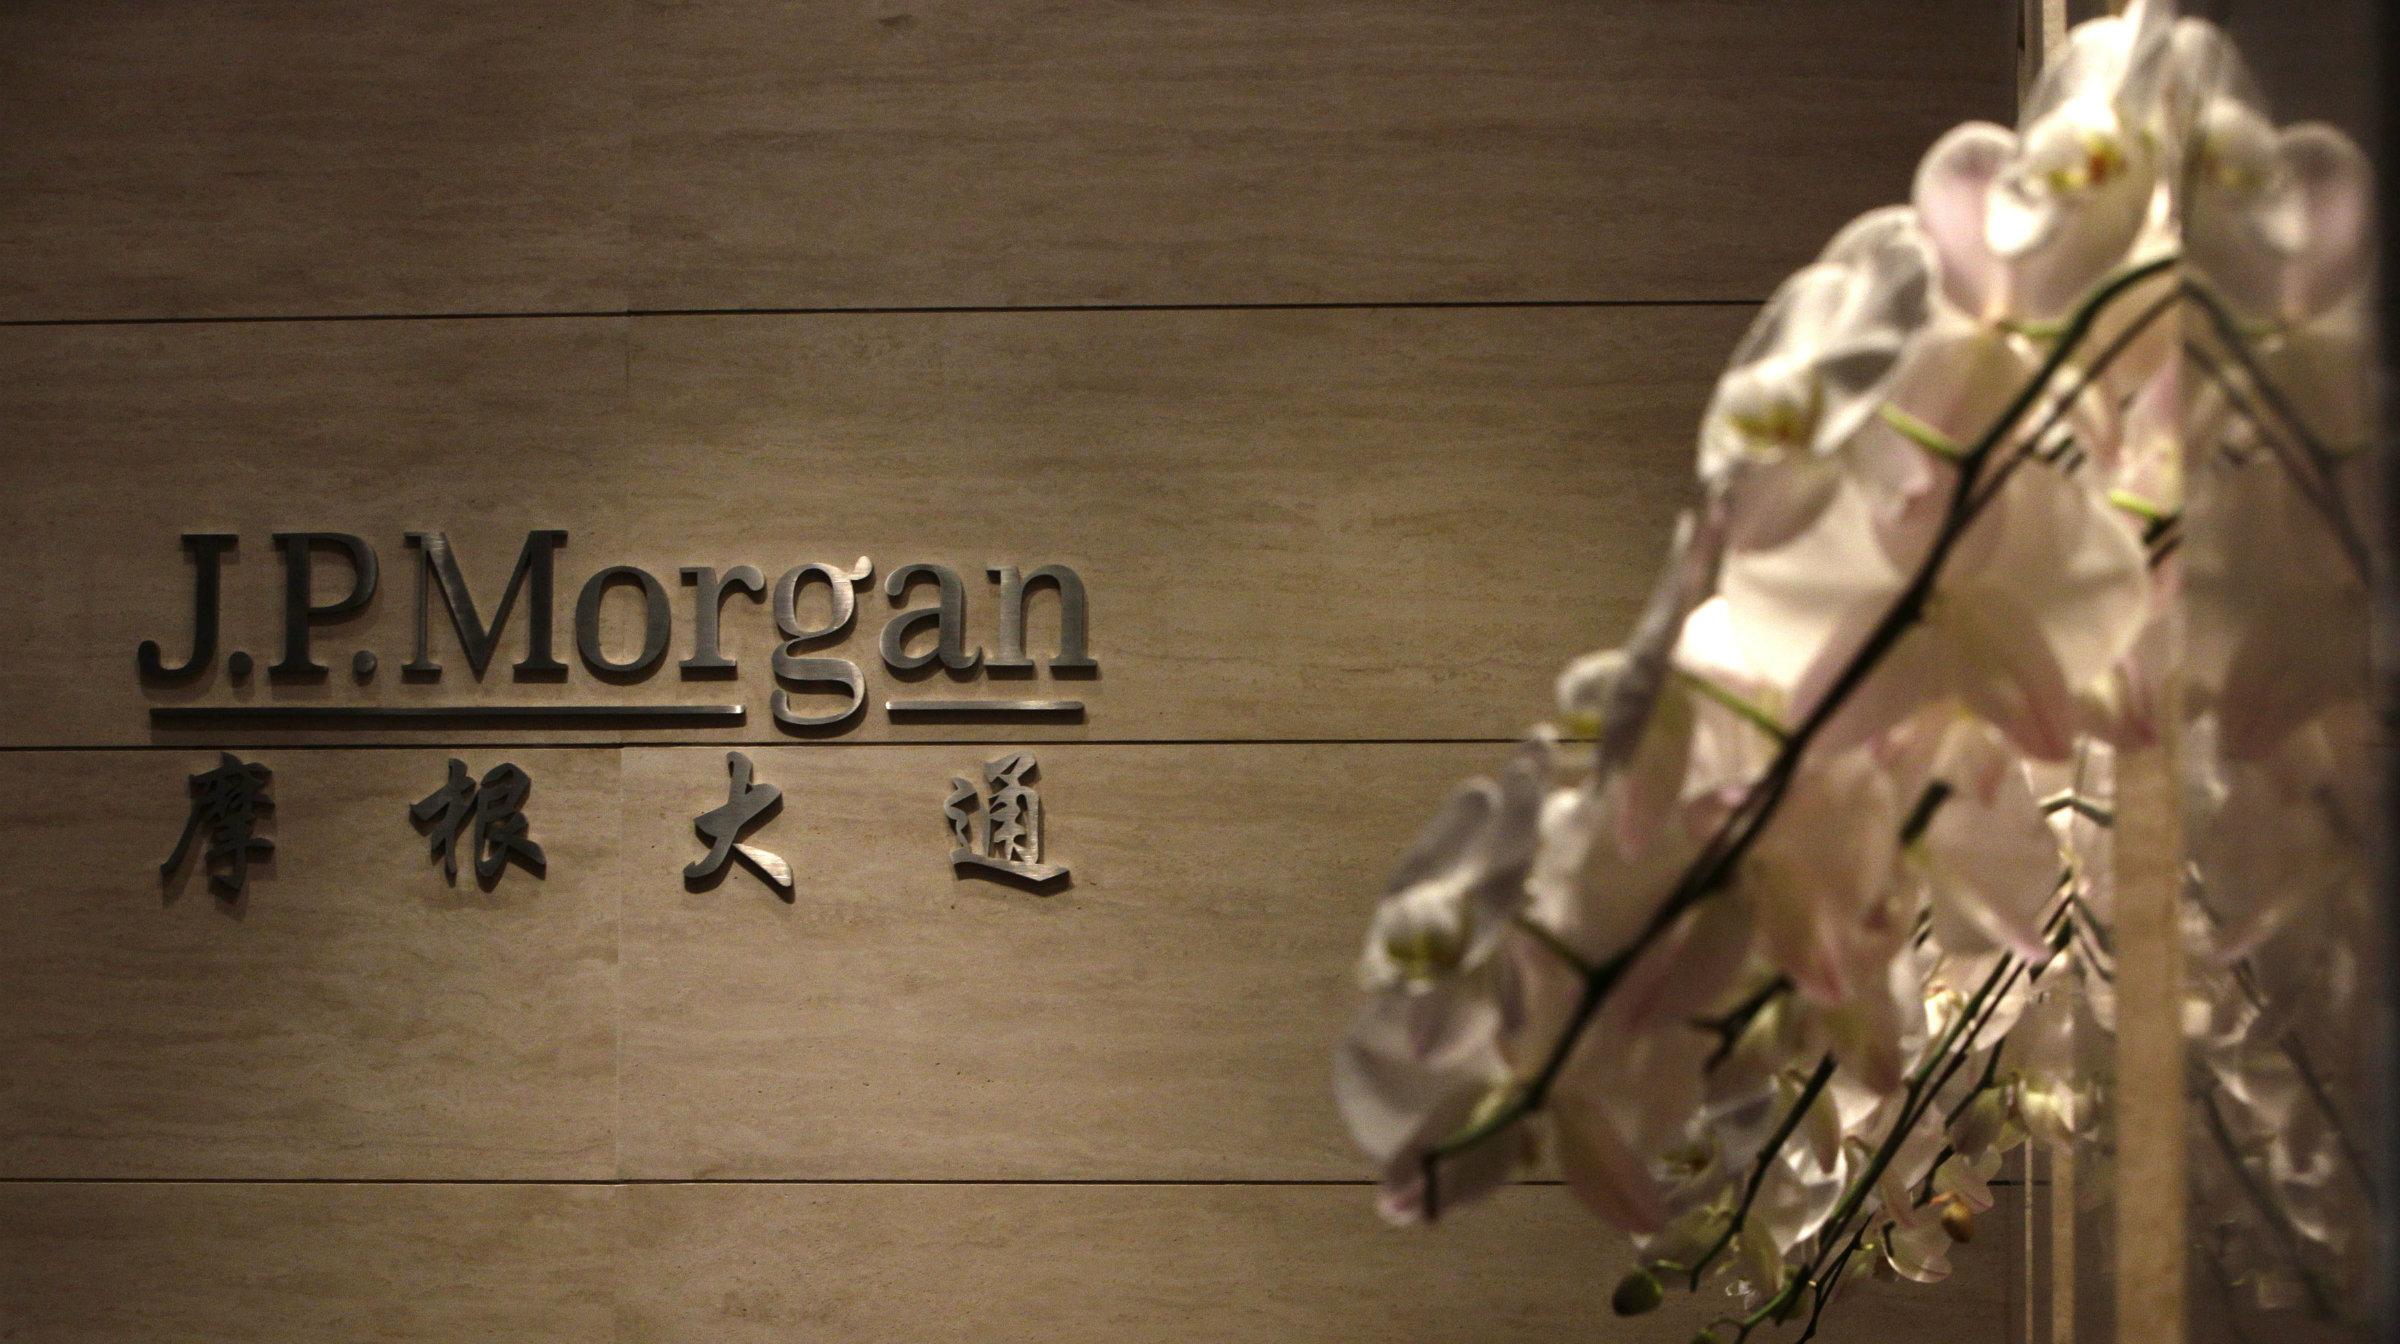 J.P. Morgan's Beijing office.